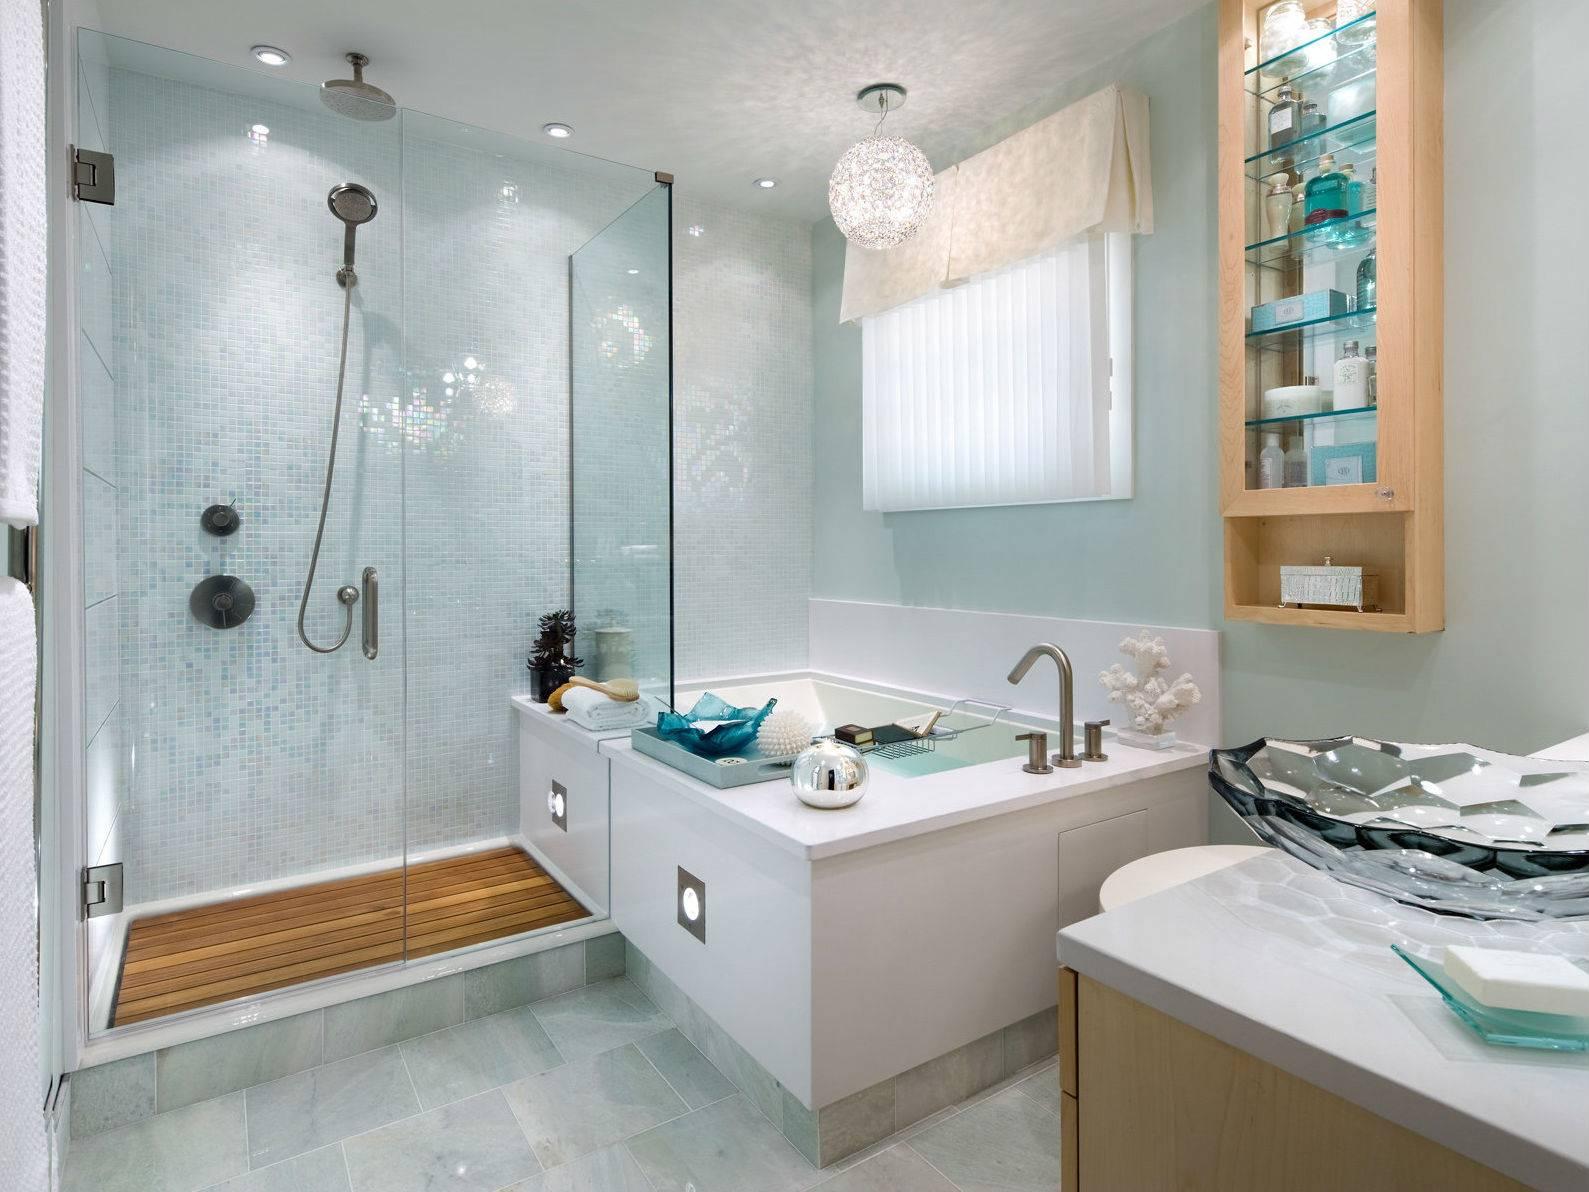 3д полы в ванной: устройство, примеры дизайна и особенности применения в интерьере (150 фото)